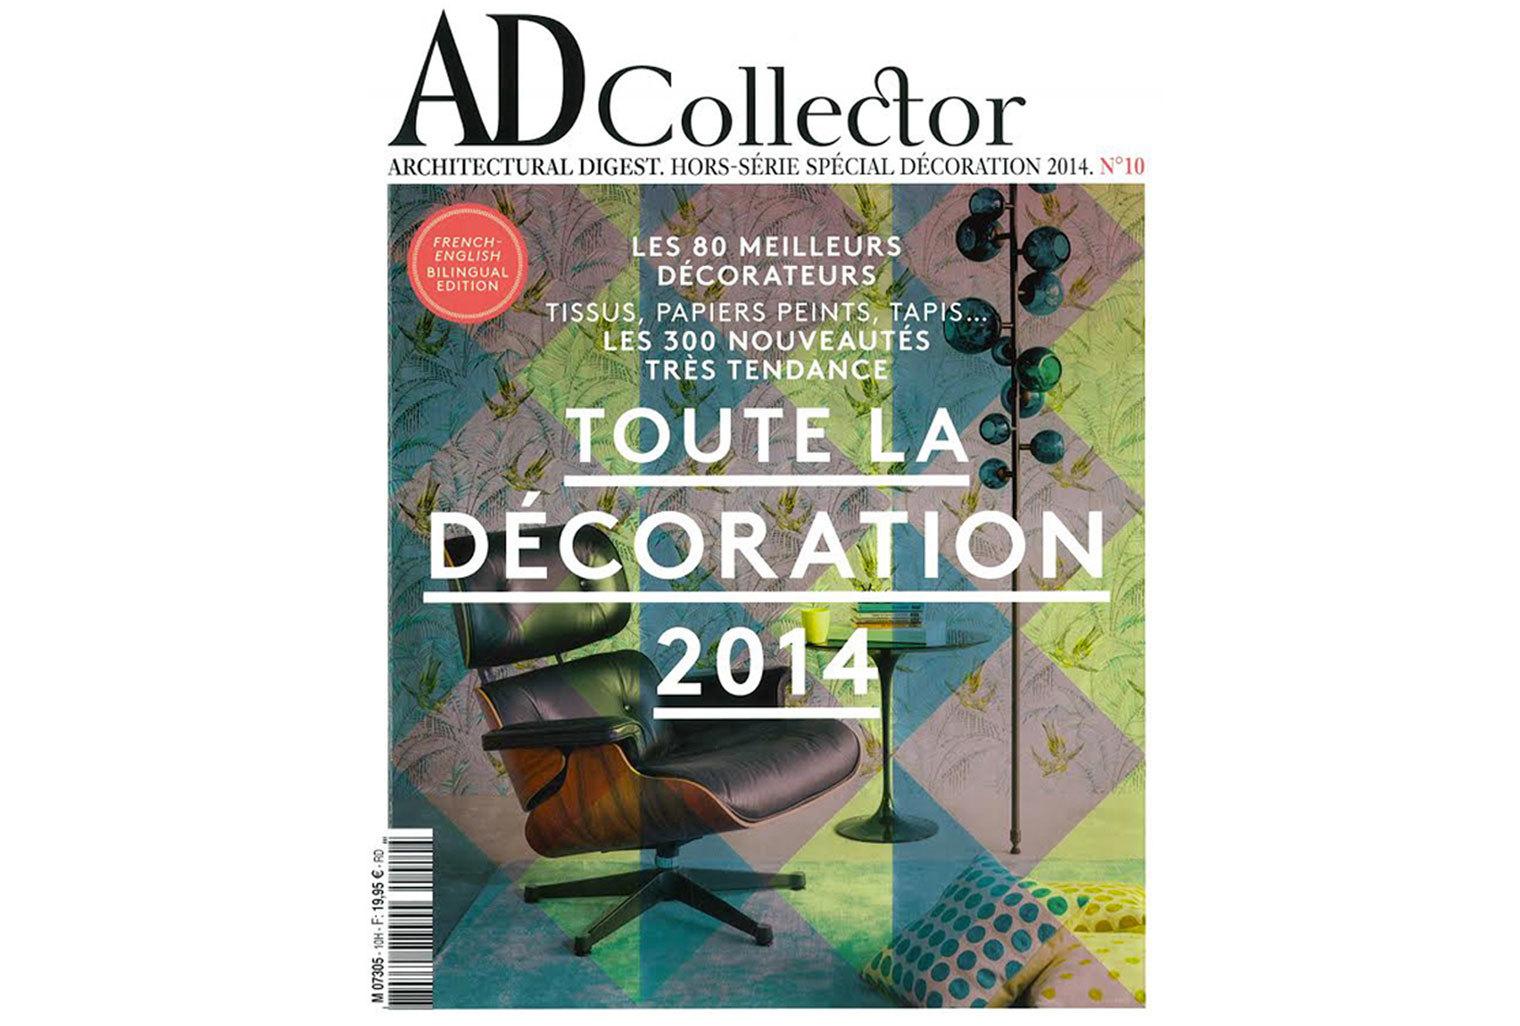 Les tissus et papiers-peint Little Cabari sont dans le AD Collector N°10